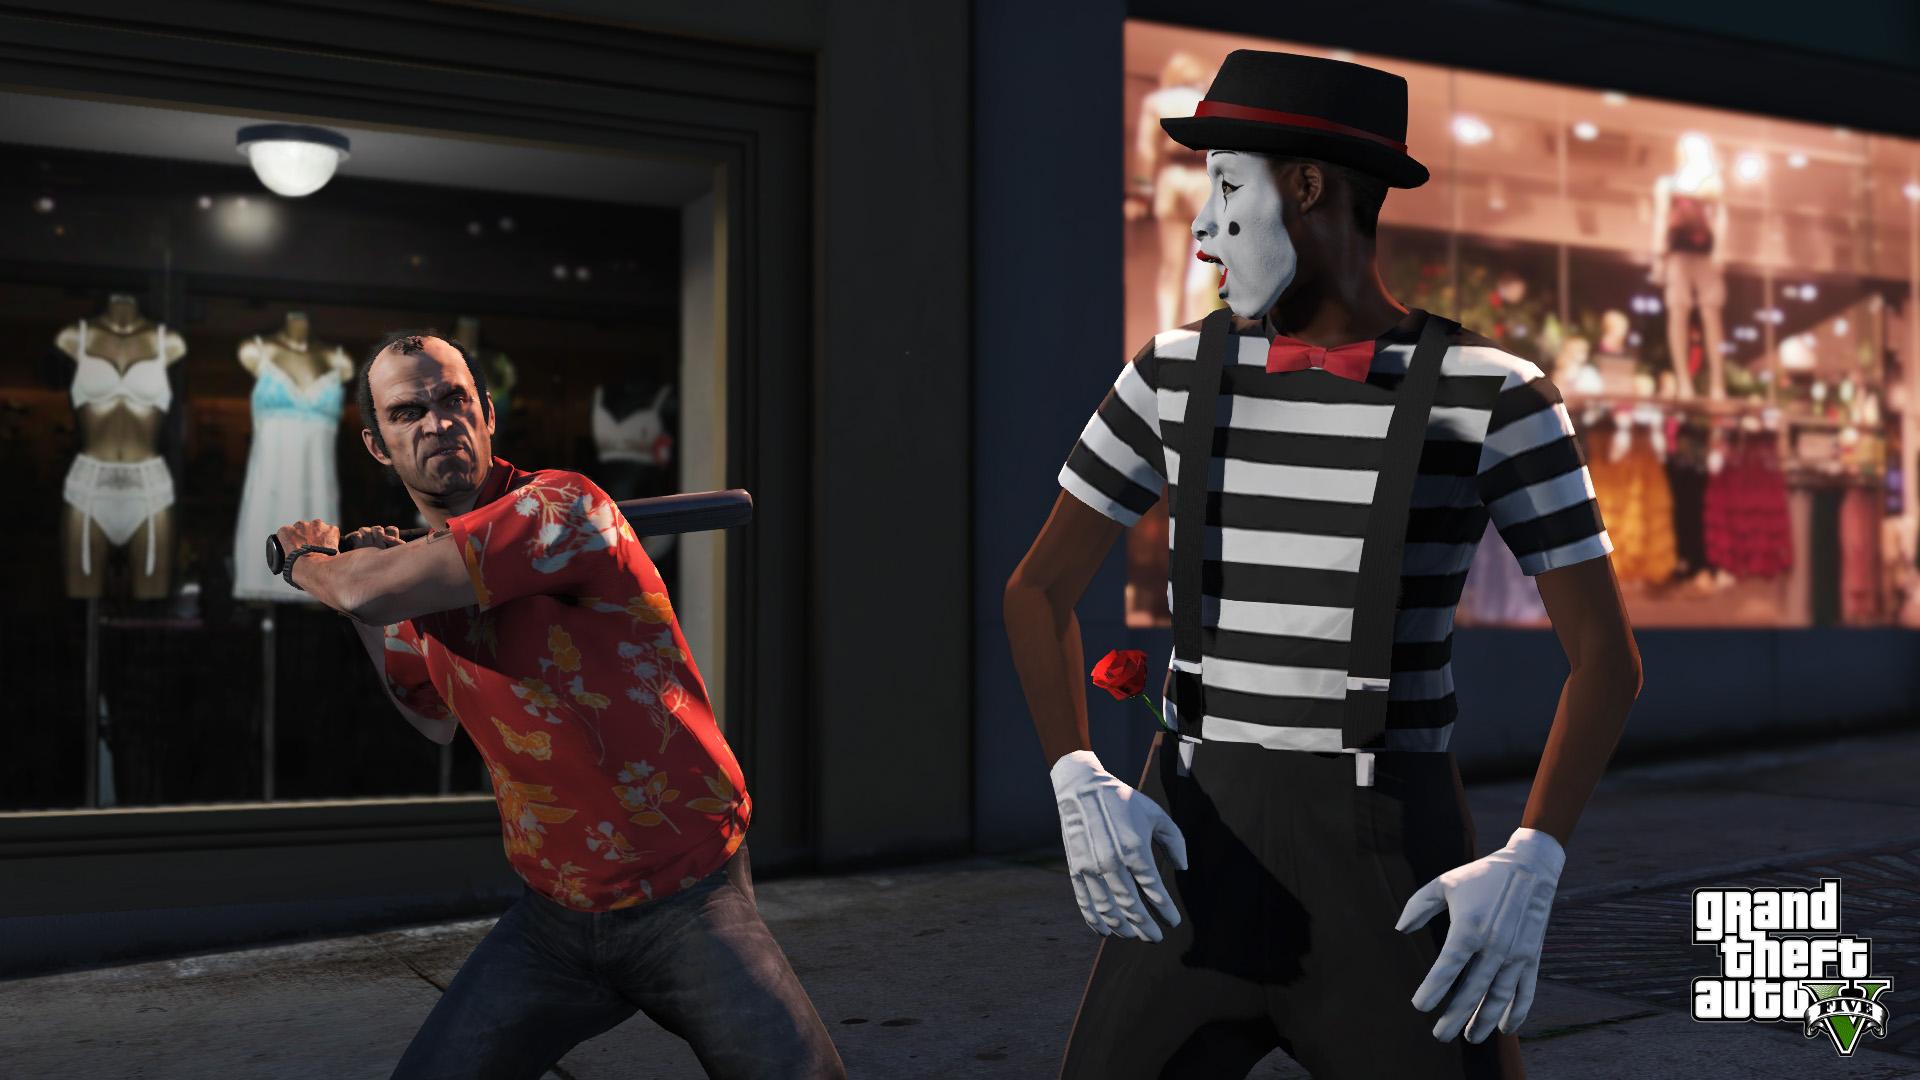 Grand Theft Auto V na nové konzole za akční cenu 100463